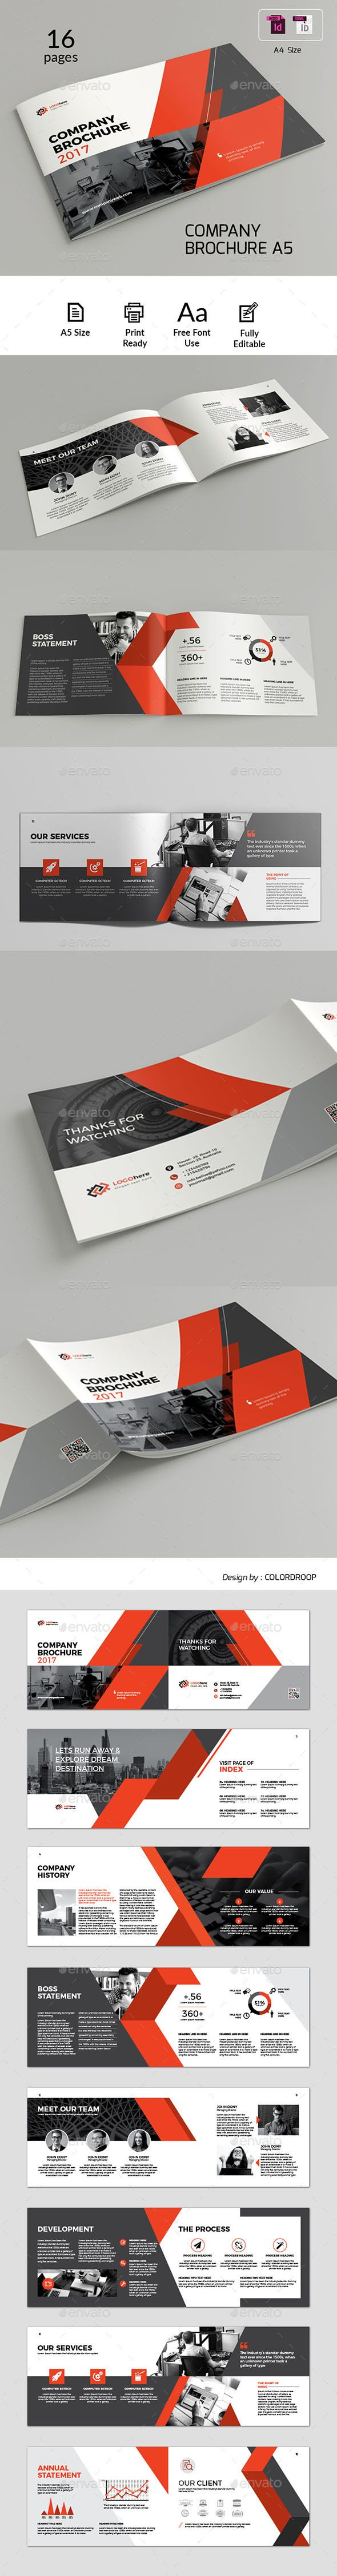 a5 landscape brochure indesign indd company landscape download httpsgraphicrivernetitema5 landscape brochure20370656refpxcr